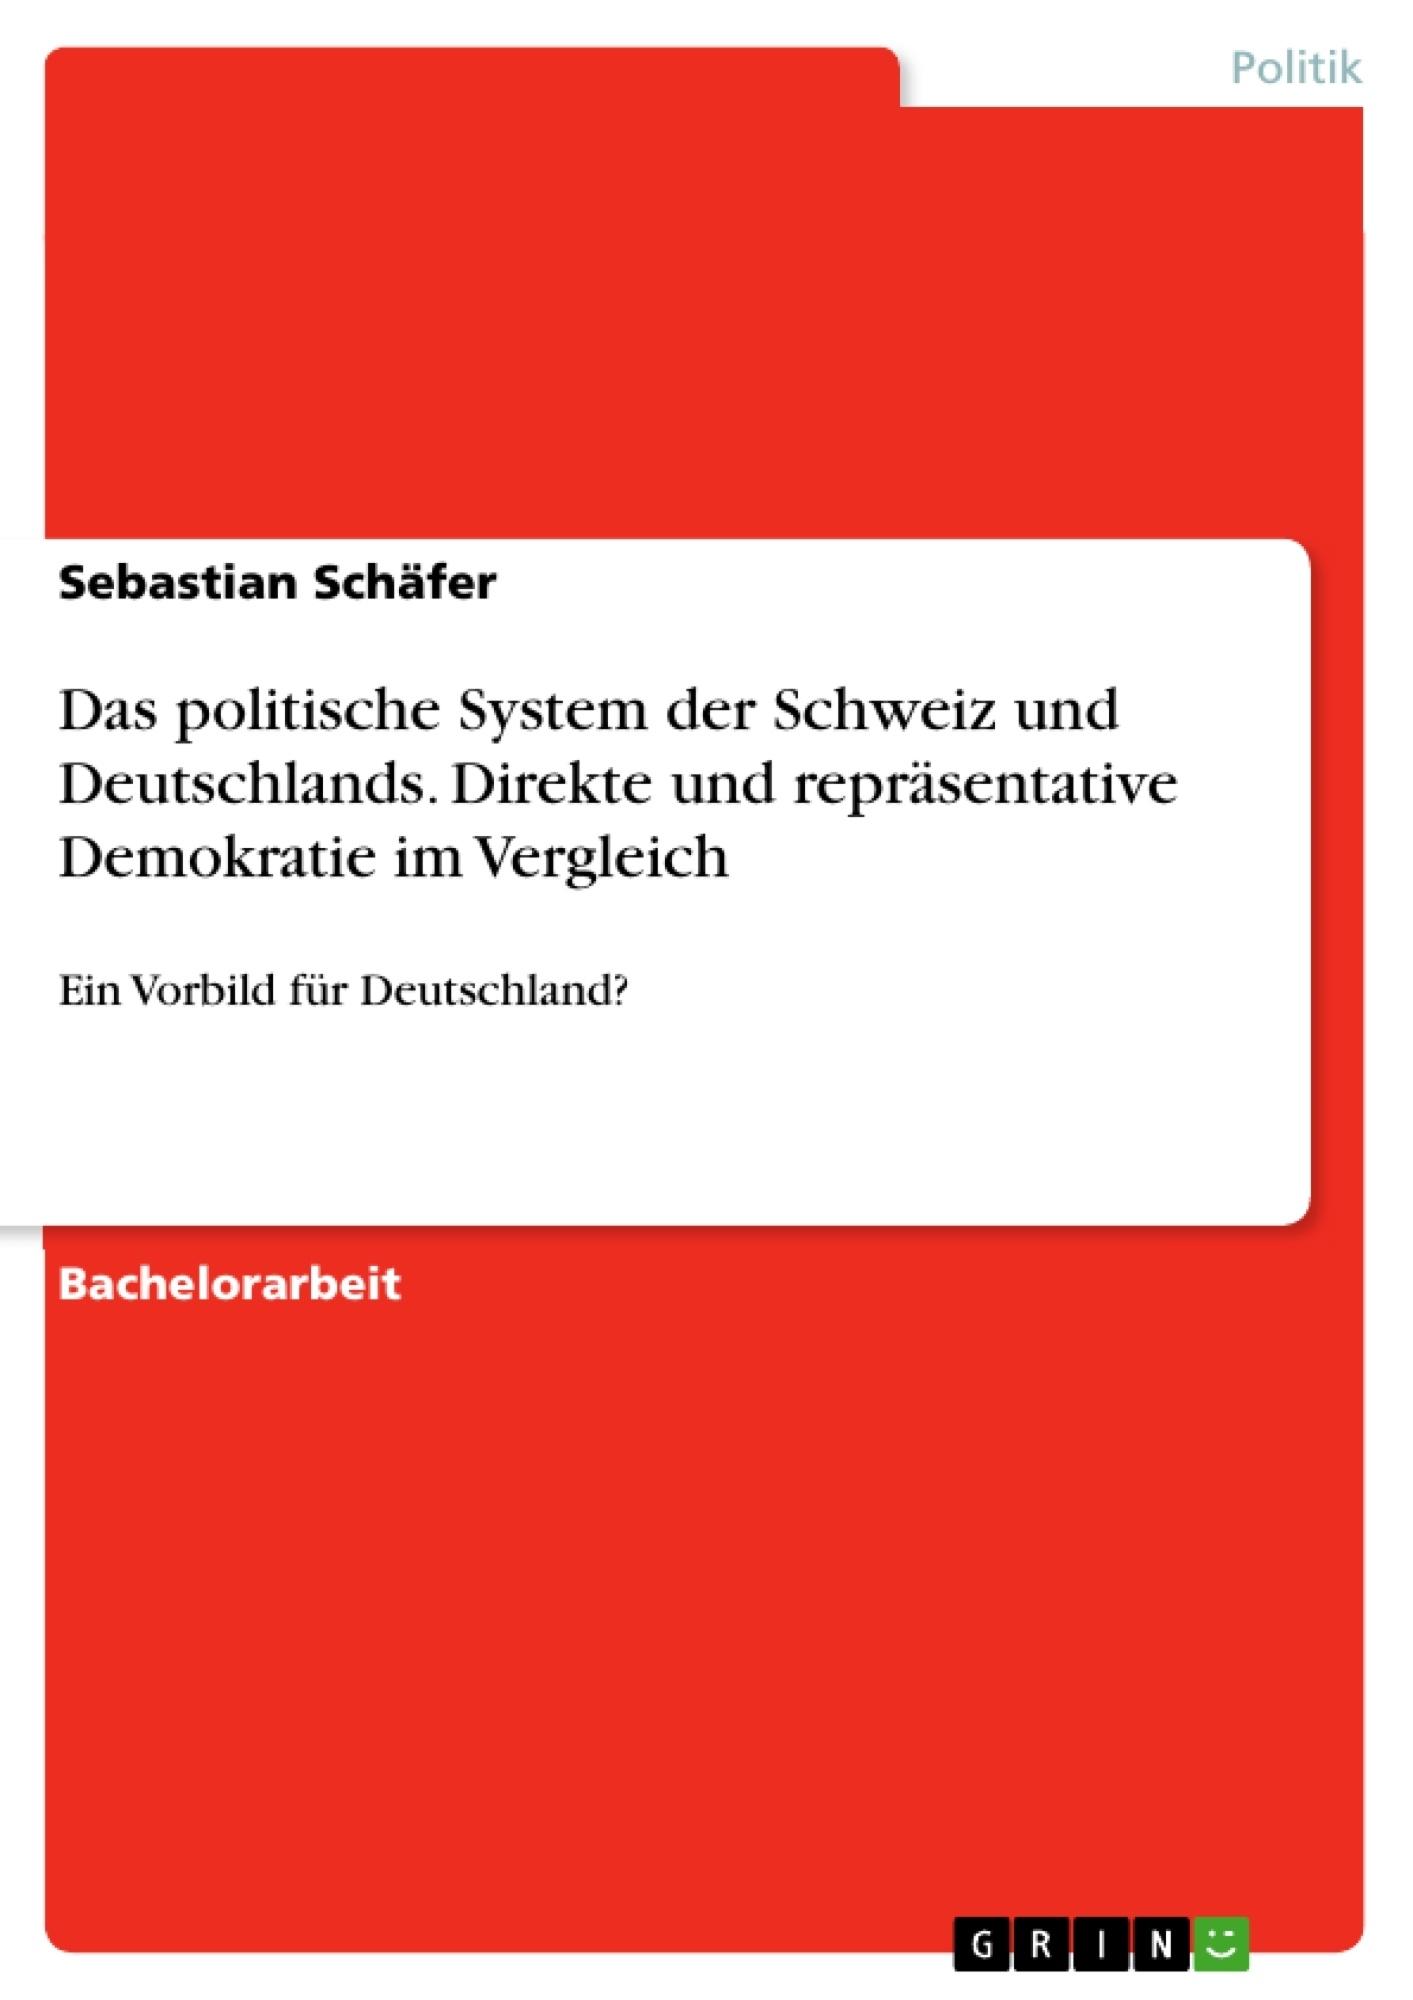 Titel: Das politische System der Schweiz und Deutschlands. Direkte und repräsentative Demokratie im Vergleich